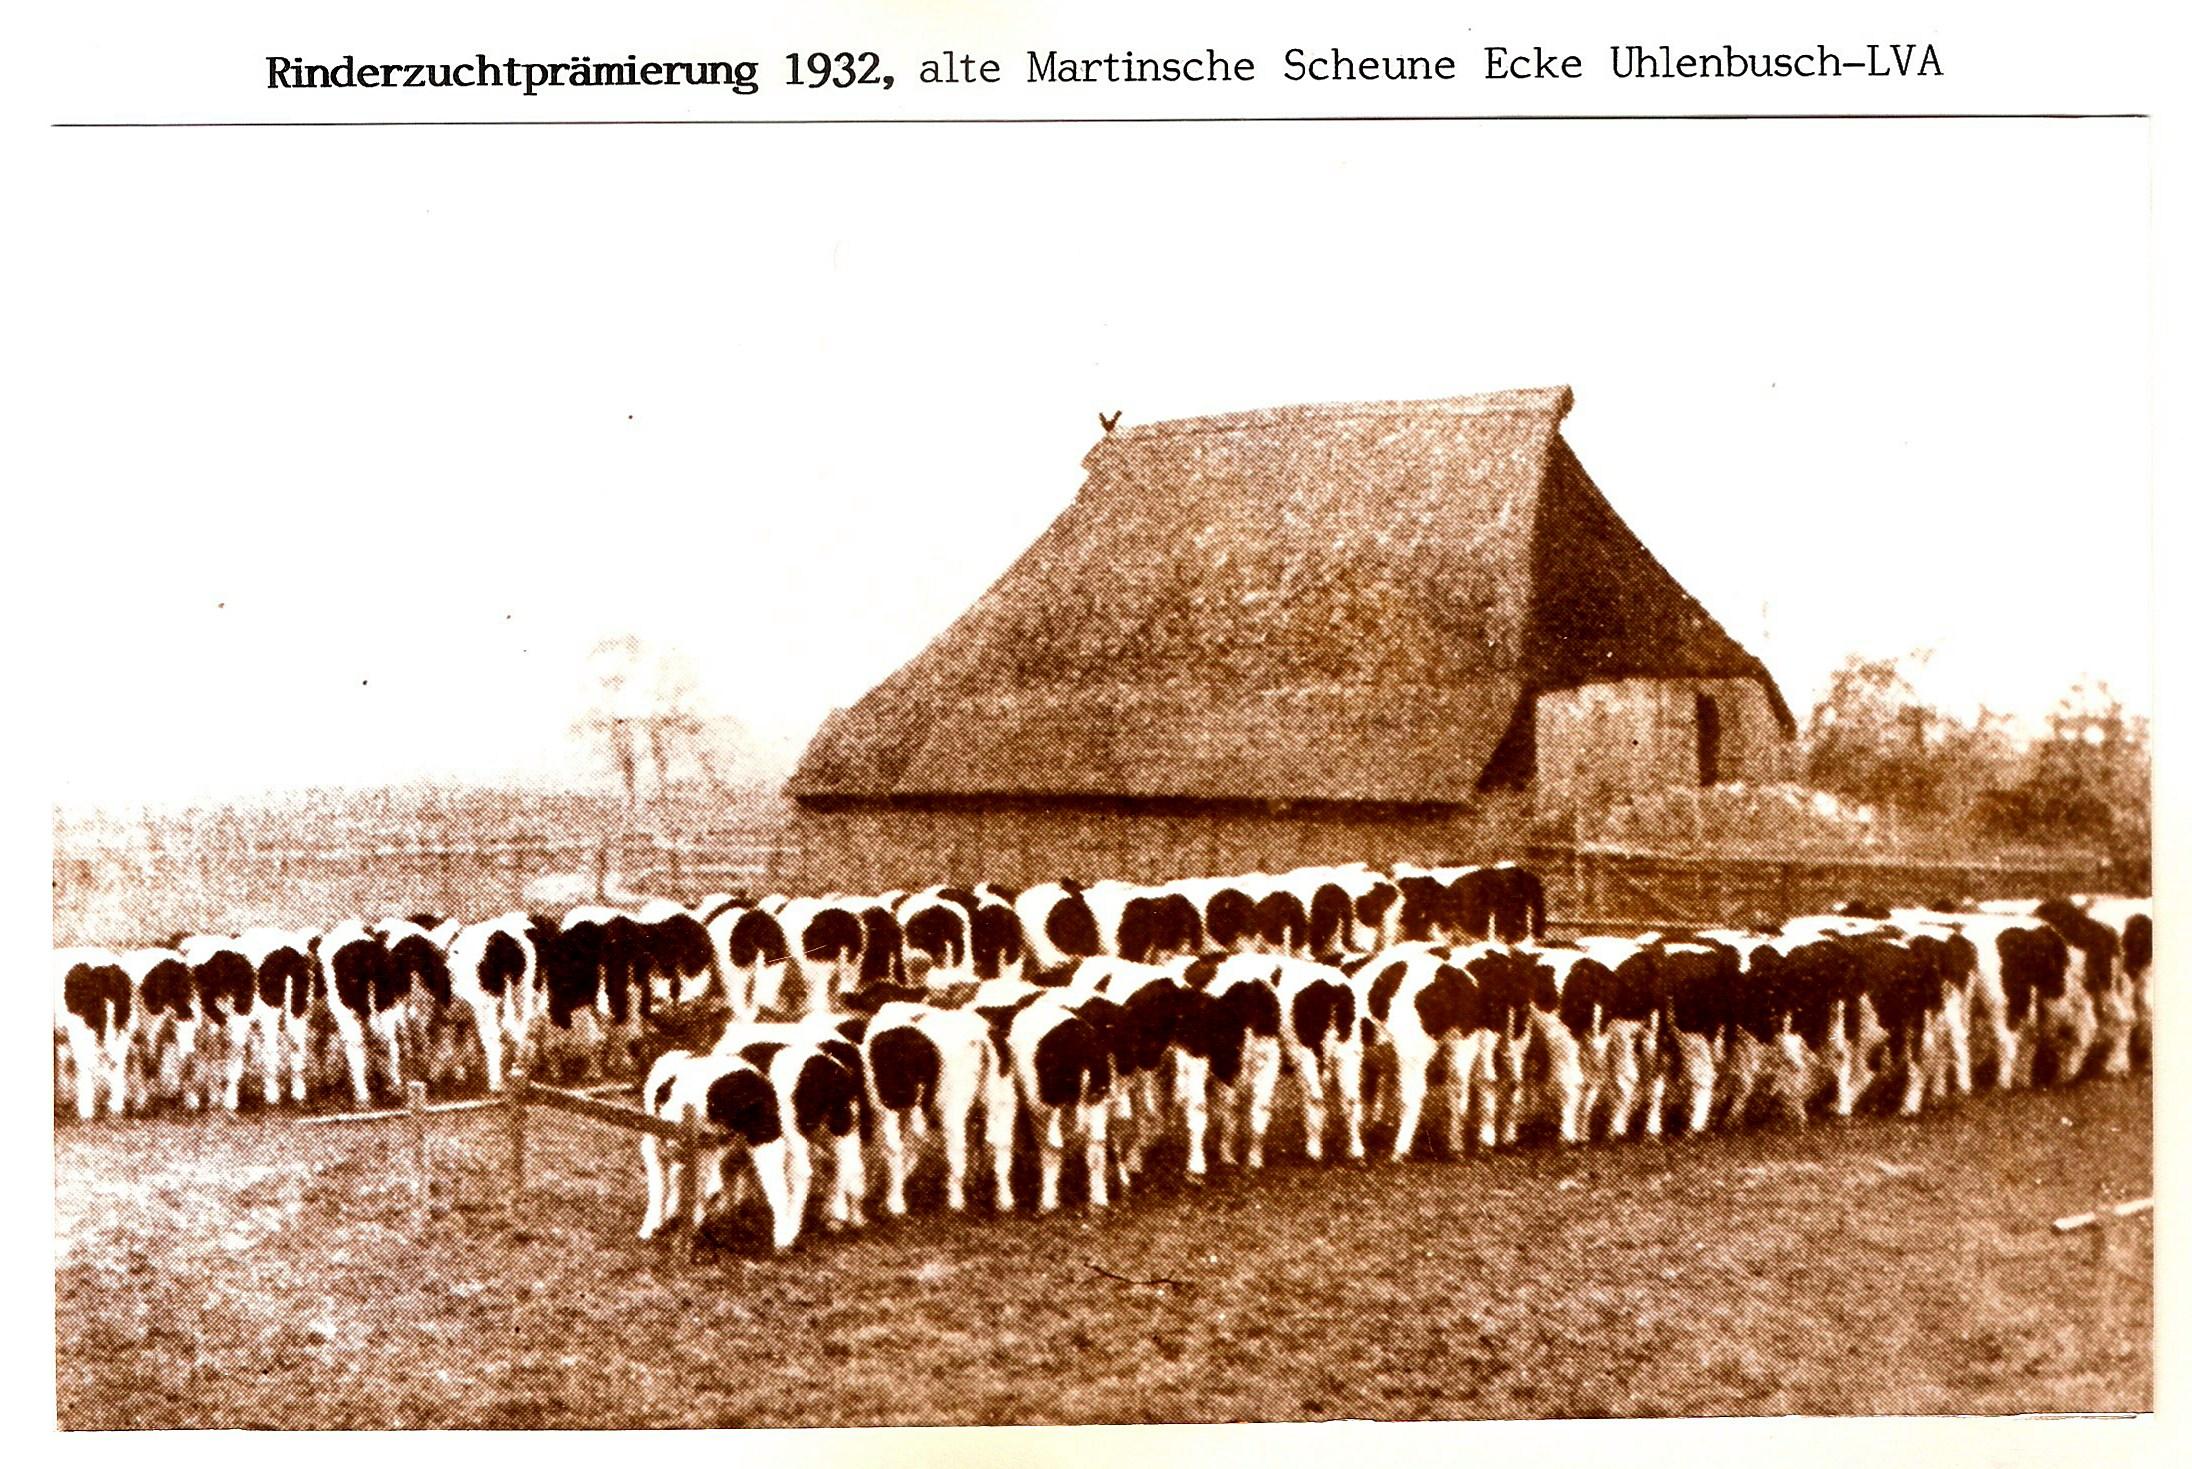 ecke-uhlenbusch-redderweg-1932